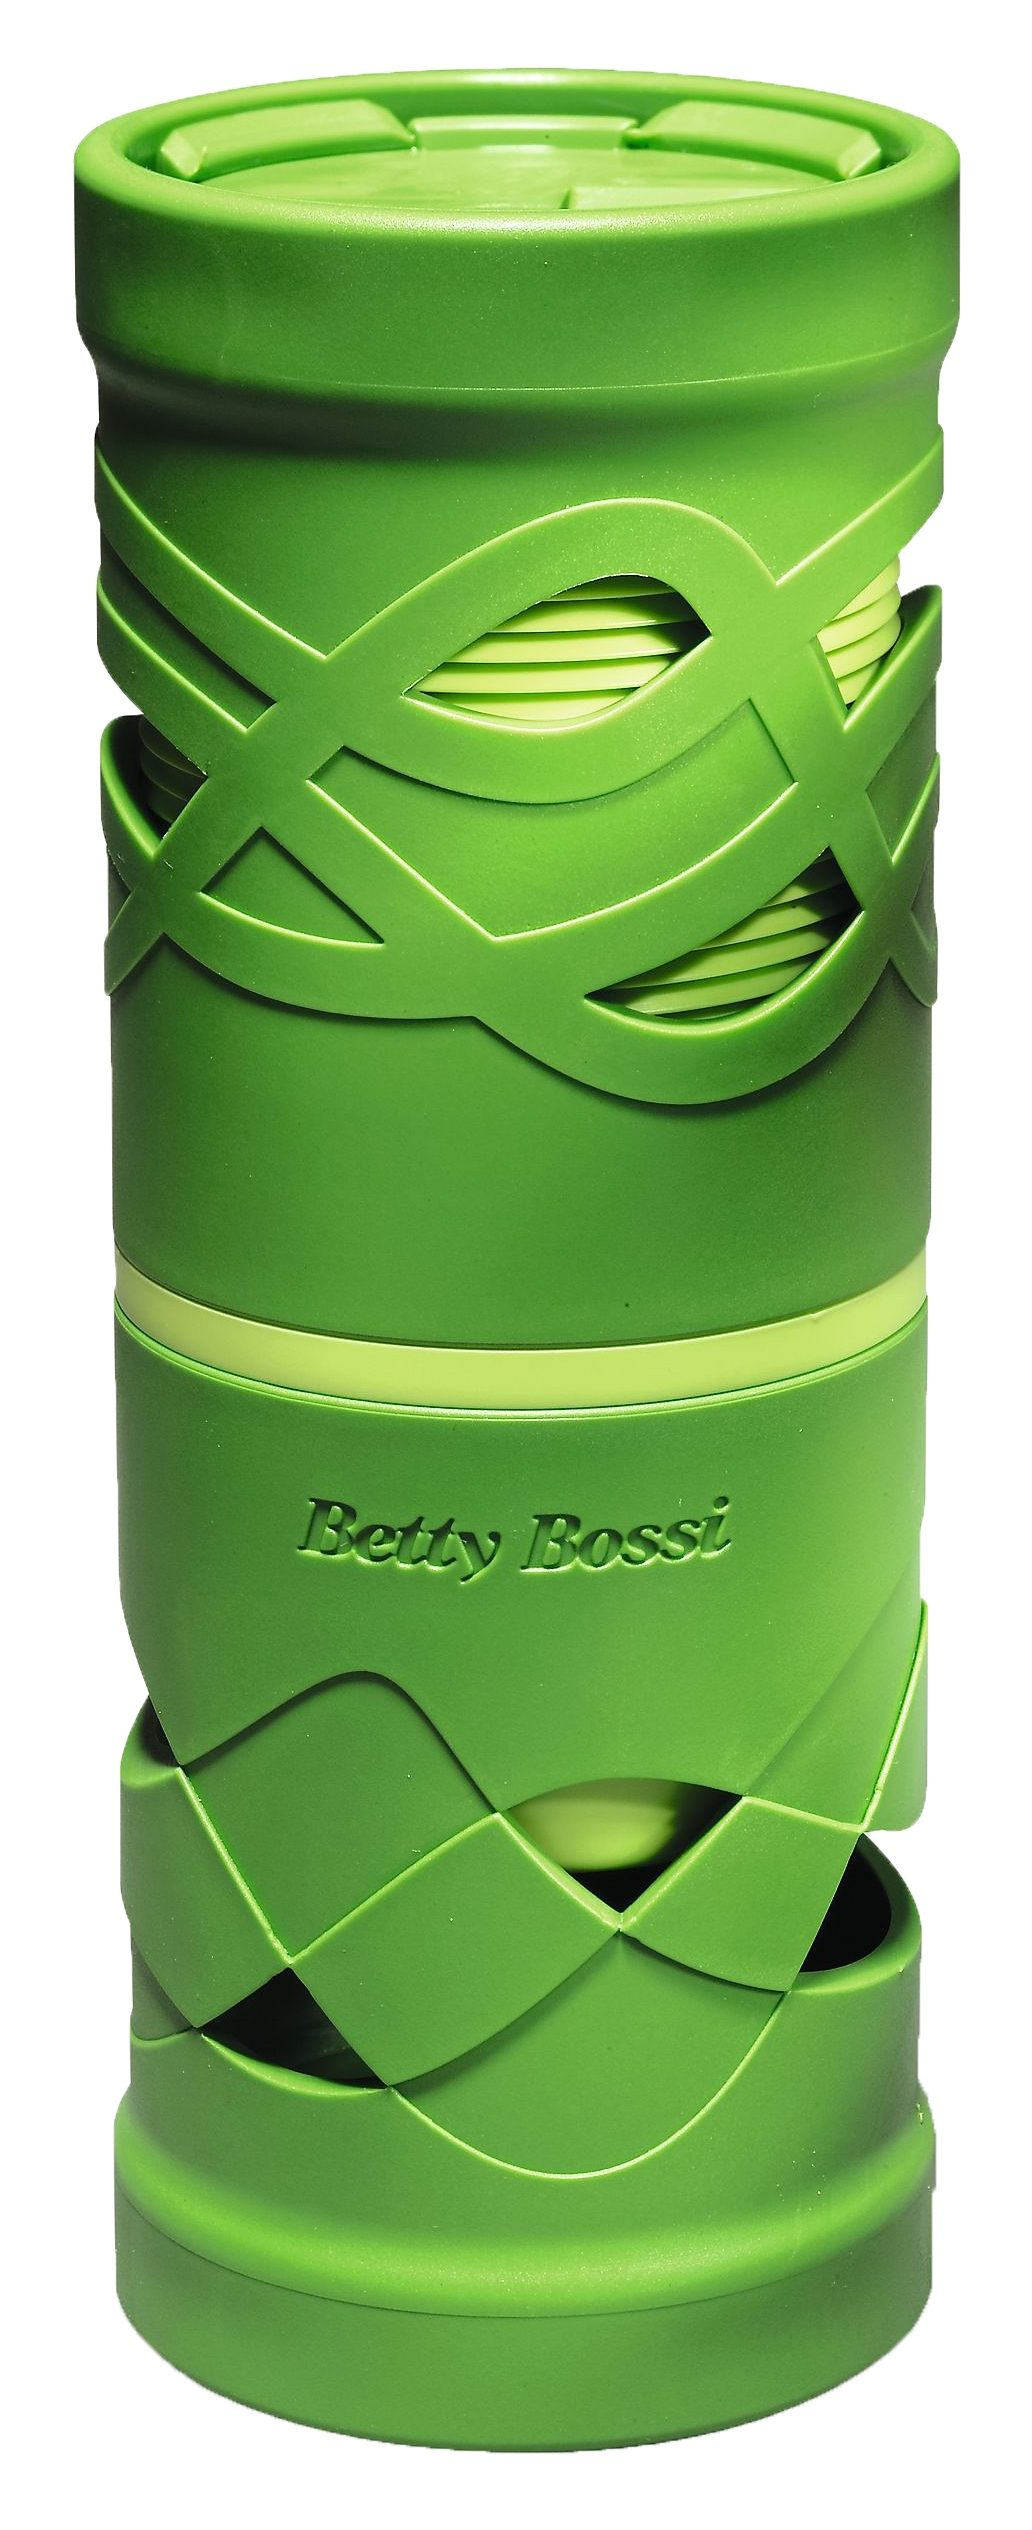 Betty Bossi Gemüse-Twister